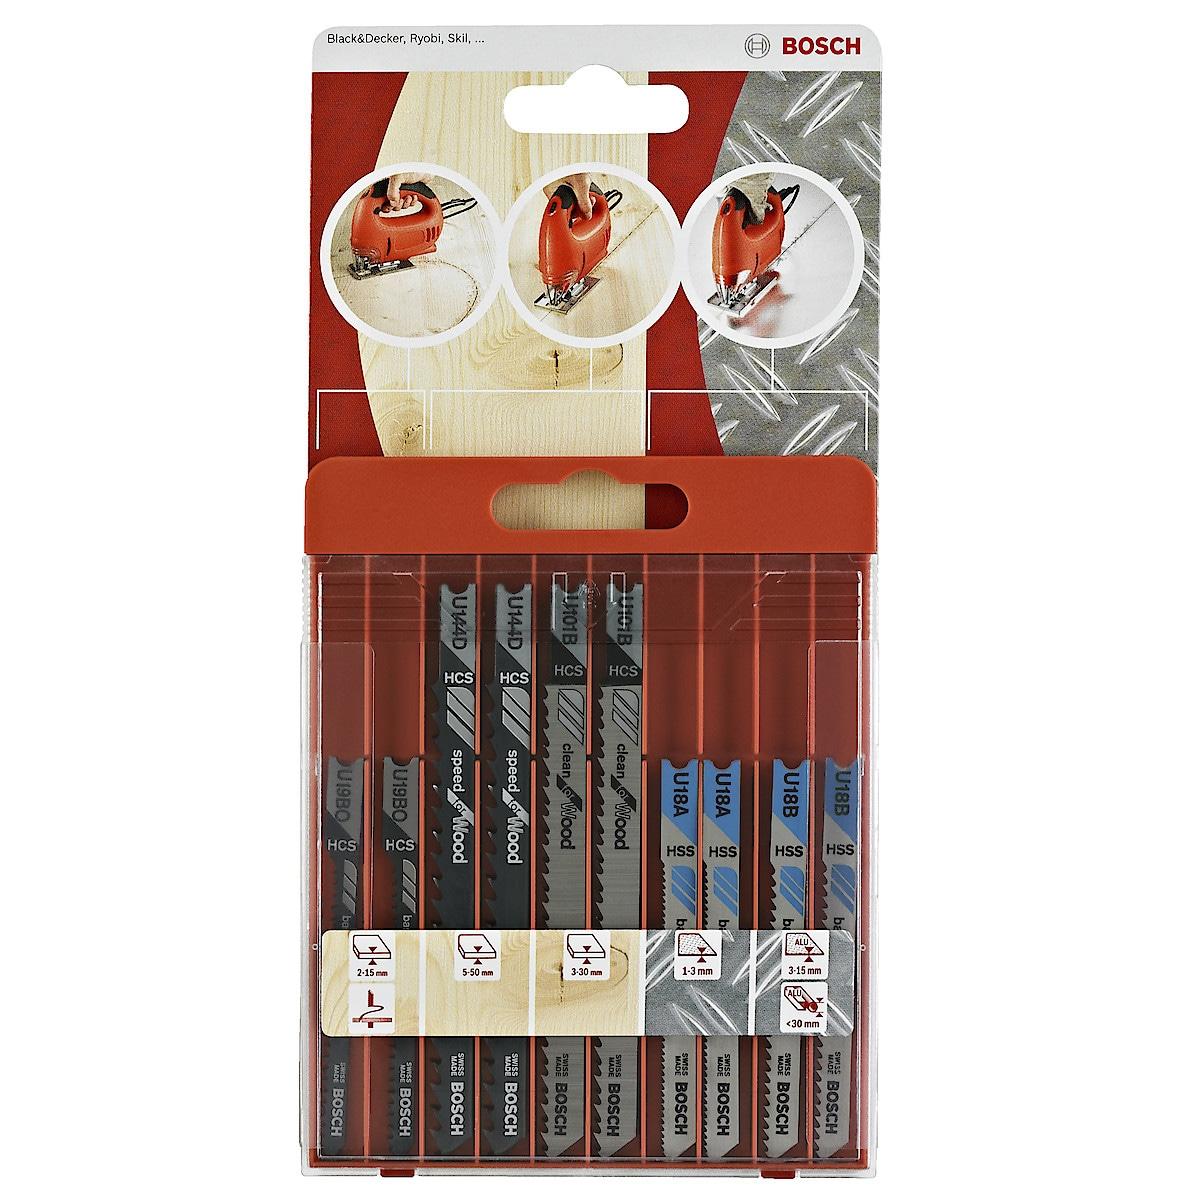 Sticksågsblad Bosch sortiment